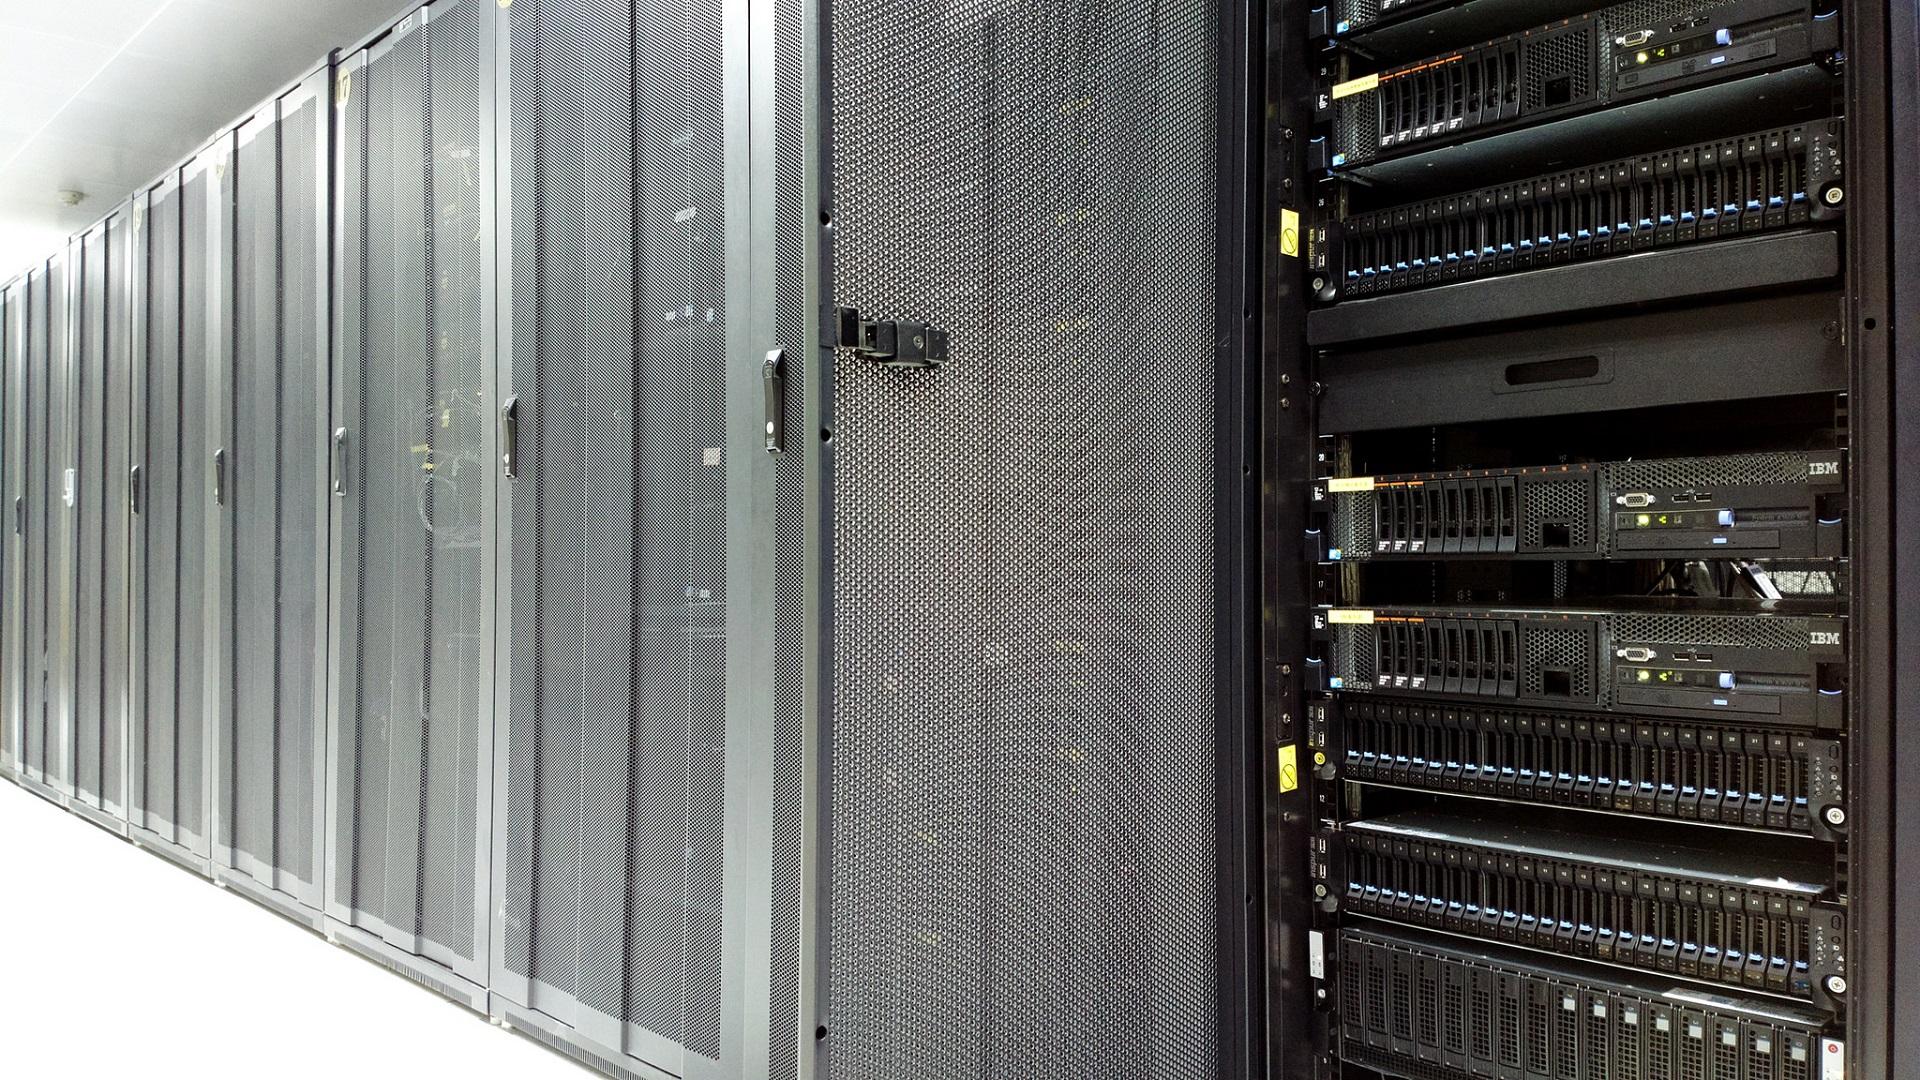 Microsoft se plantea usar el hidrógeno como combustible en sus centros de datos